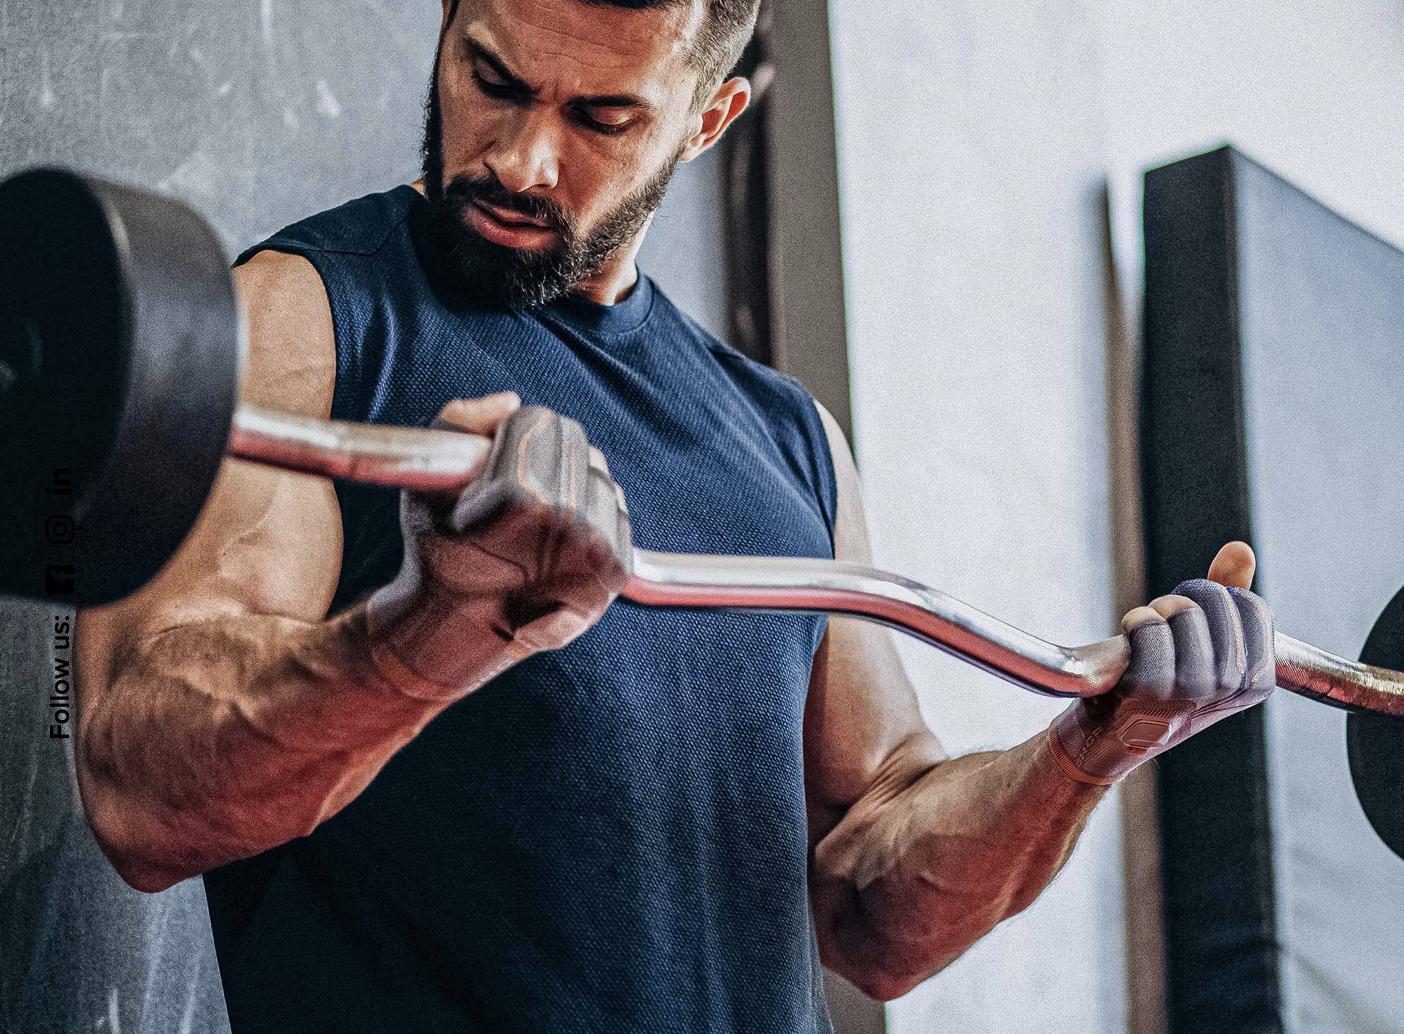 Obrazek przedstawia osobę ćwiczącą z obiema rękawicami od Shape.Care.